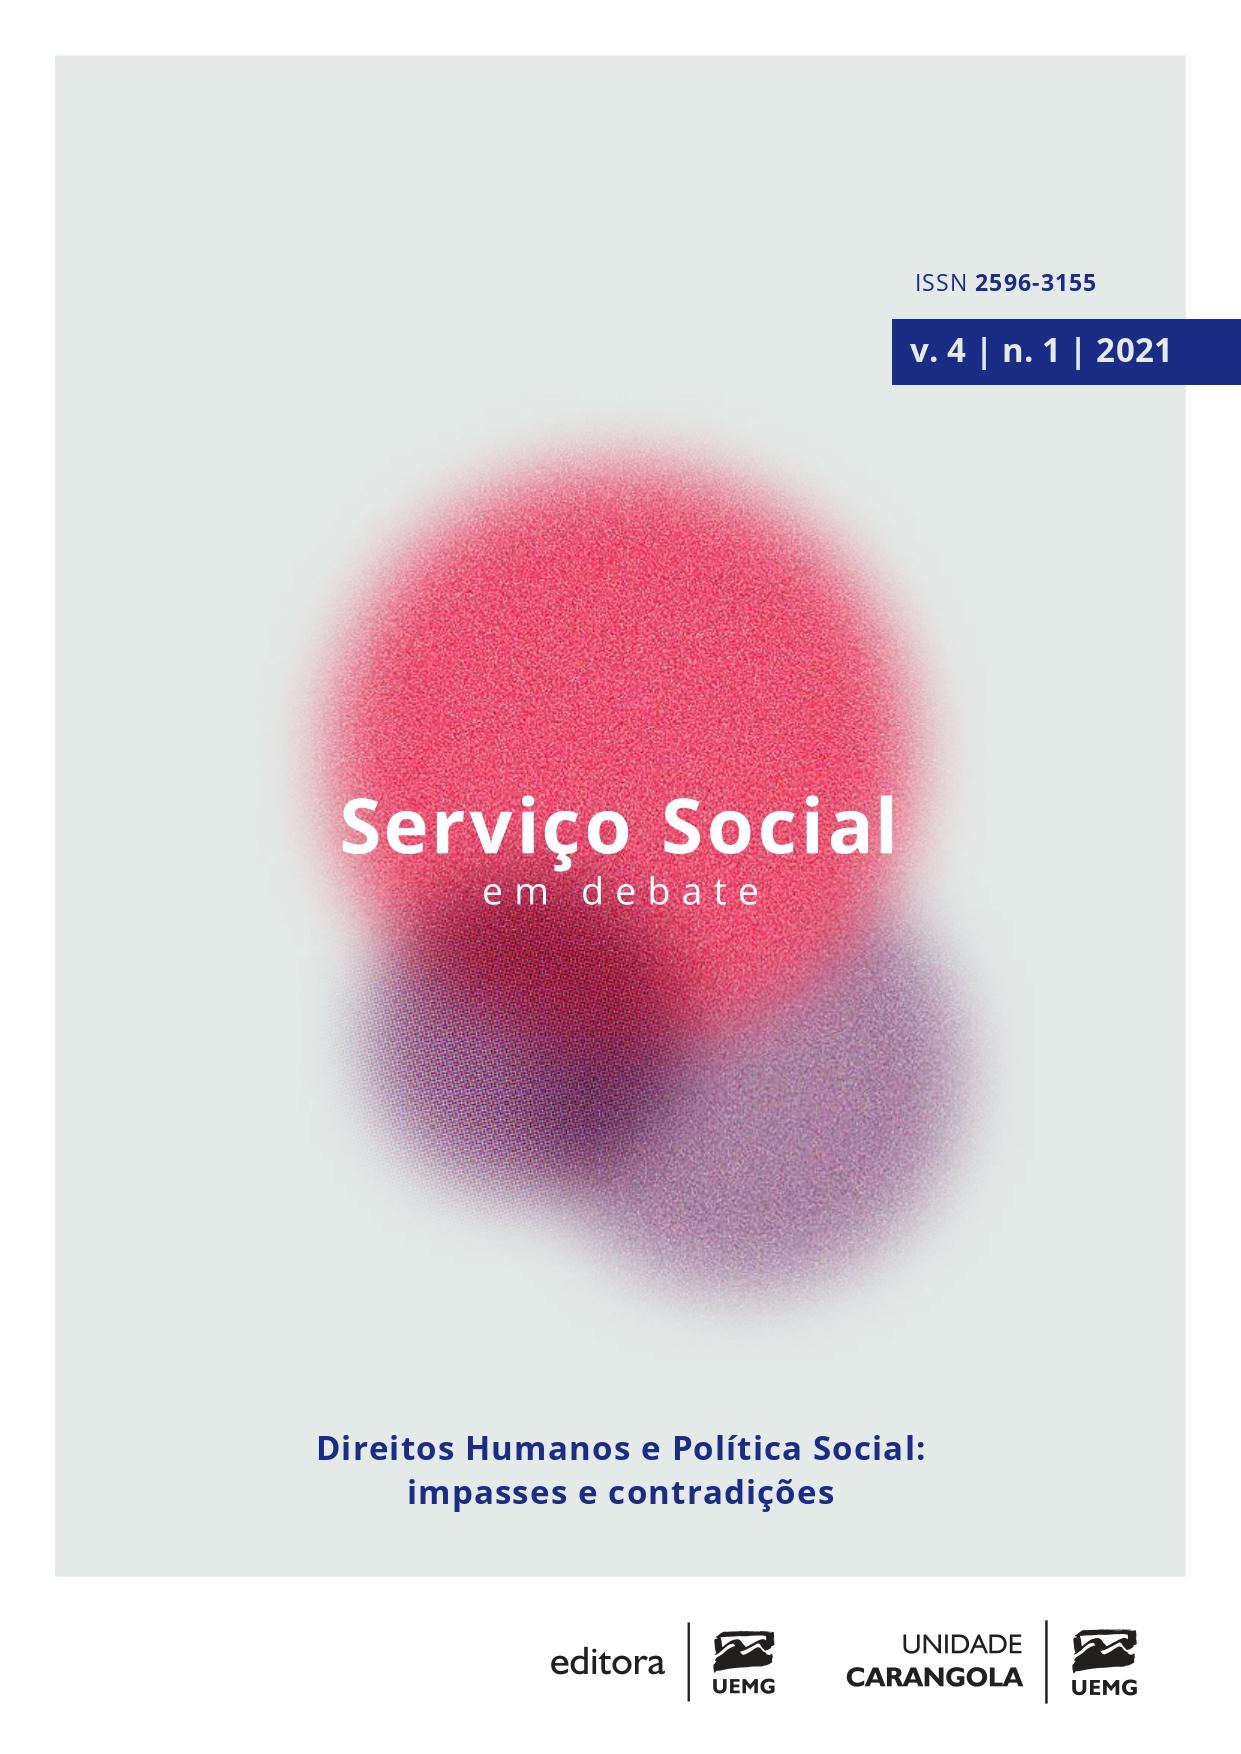 Visualizar v. 4 n. 1 (2021): Direitos Humanos e Política Social: impasses e contradições